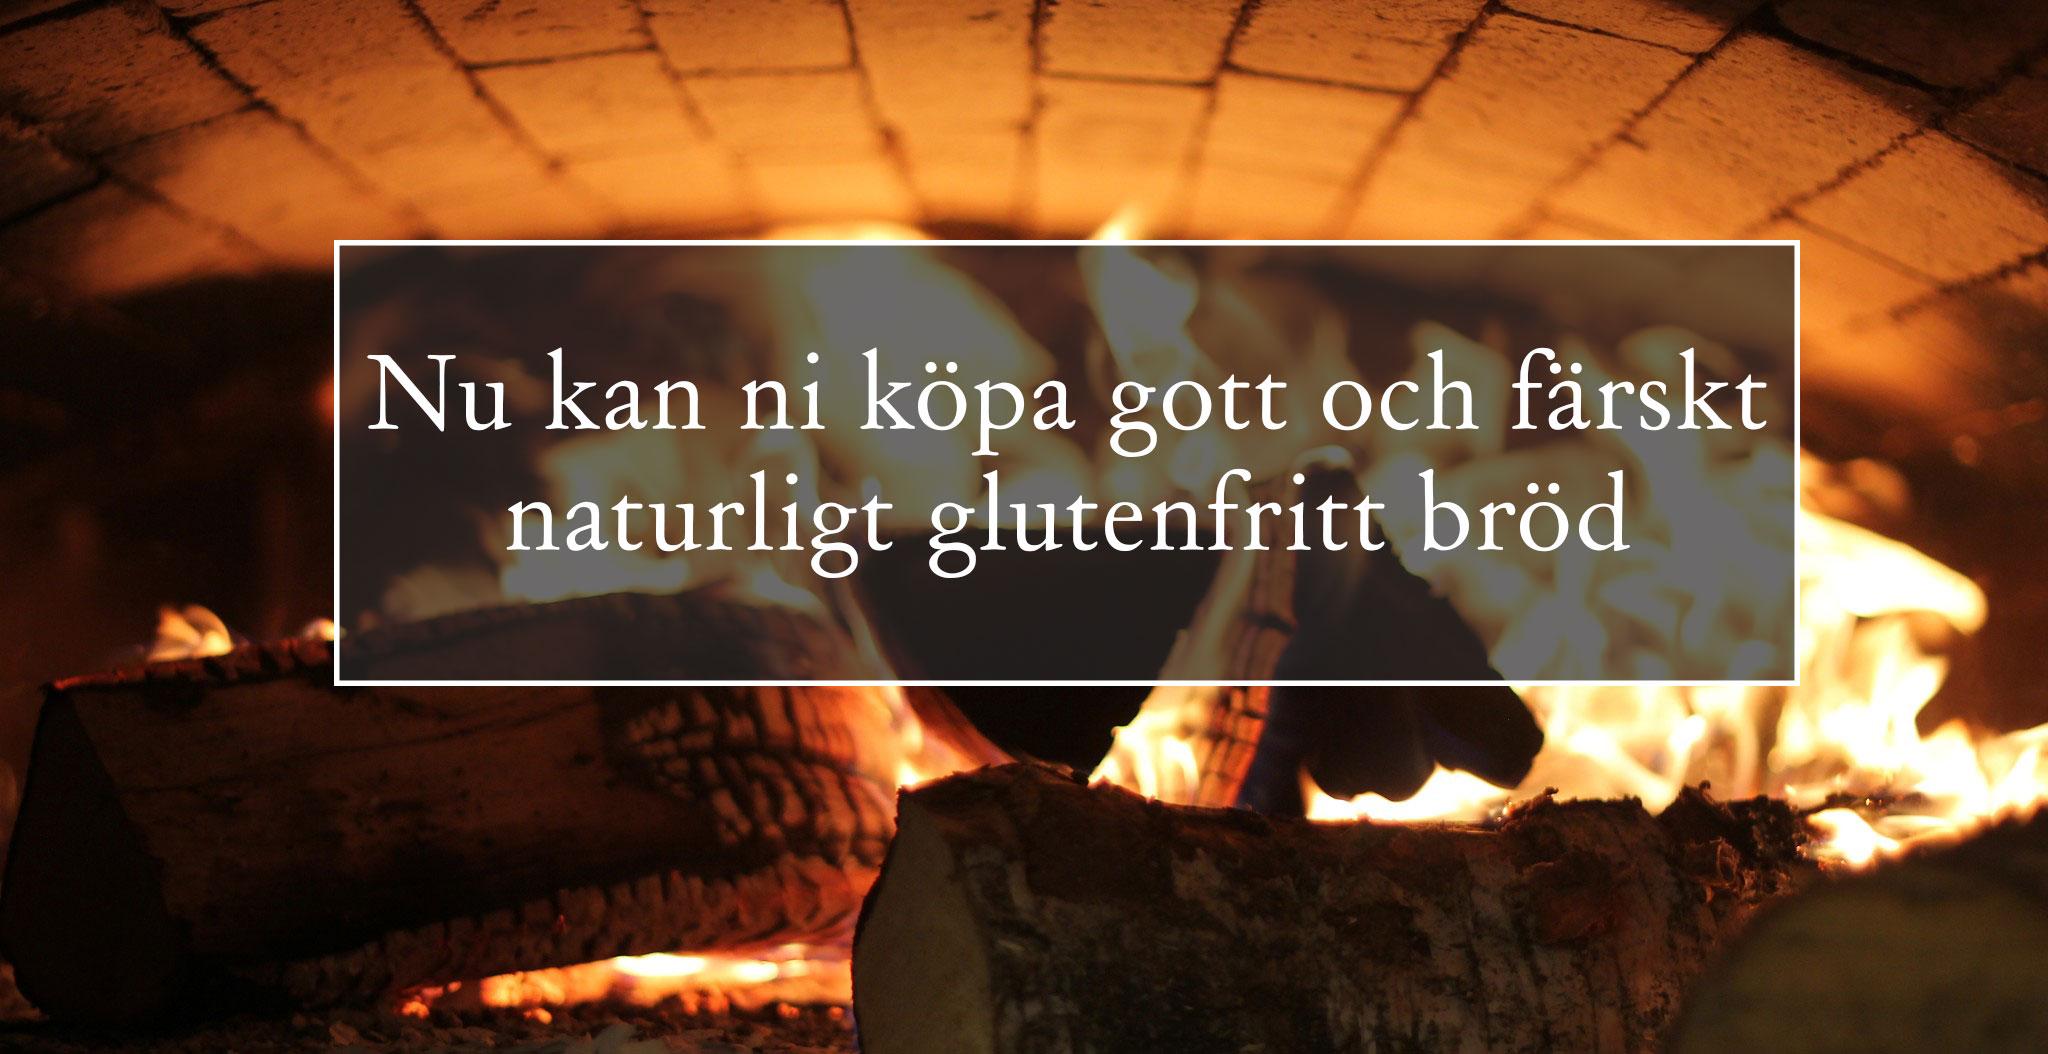 Färskt glutenfritt bröd, Kullagårdens glutenfria stenugnsbageri